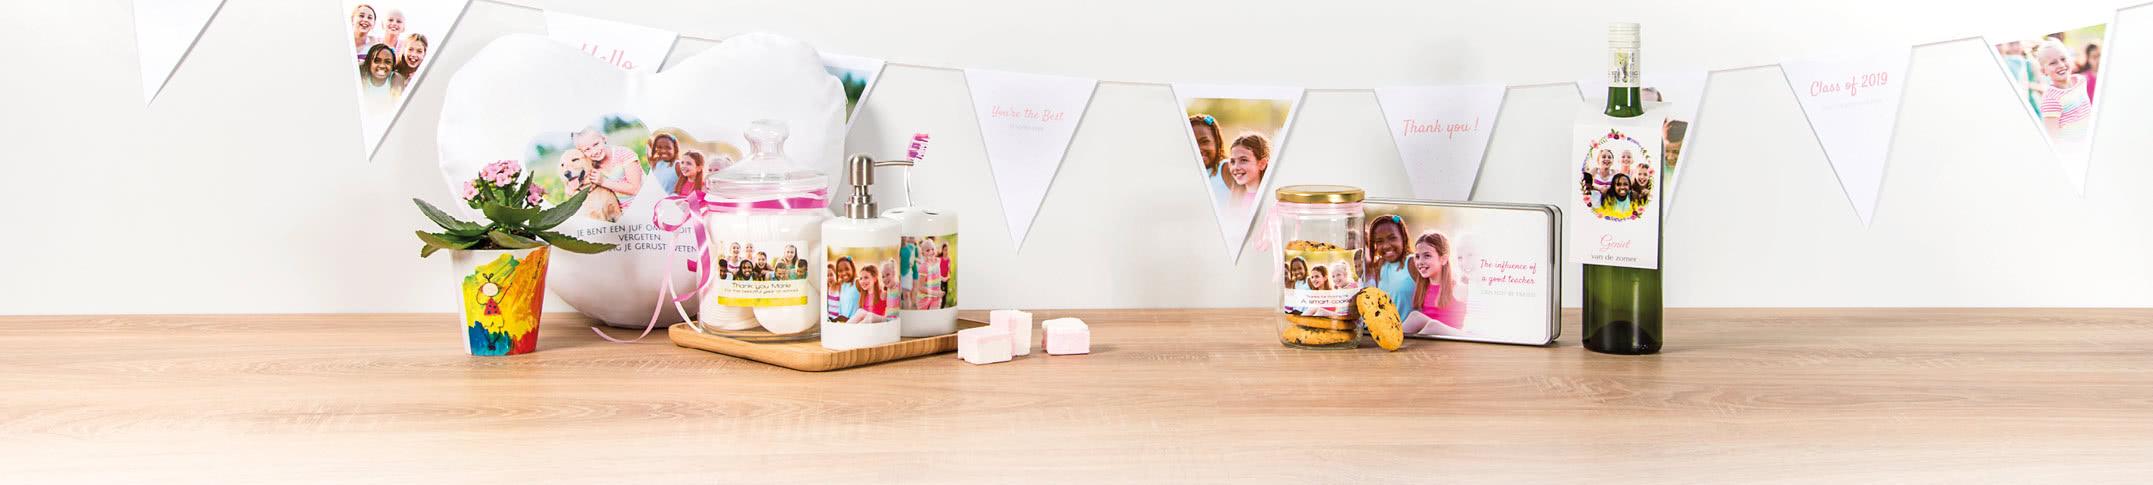 Idées cadeaux institutrice - cadeau photo personnalisé